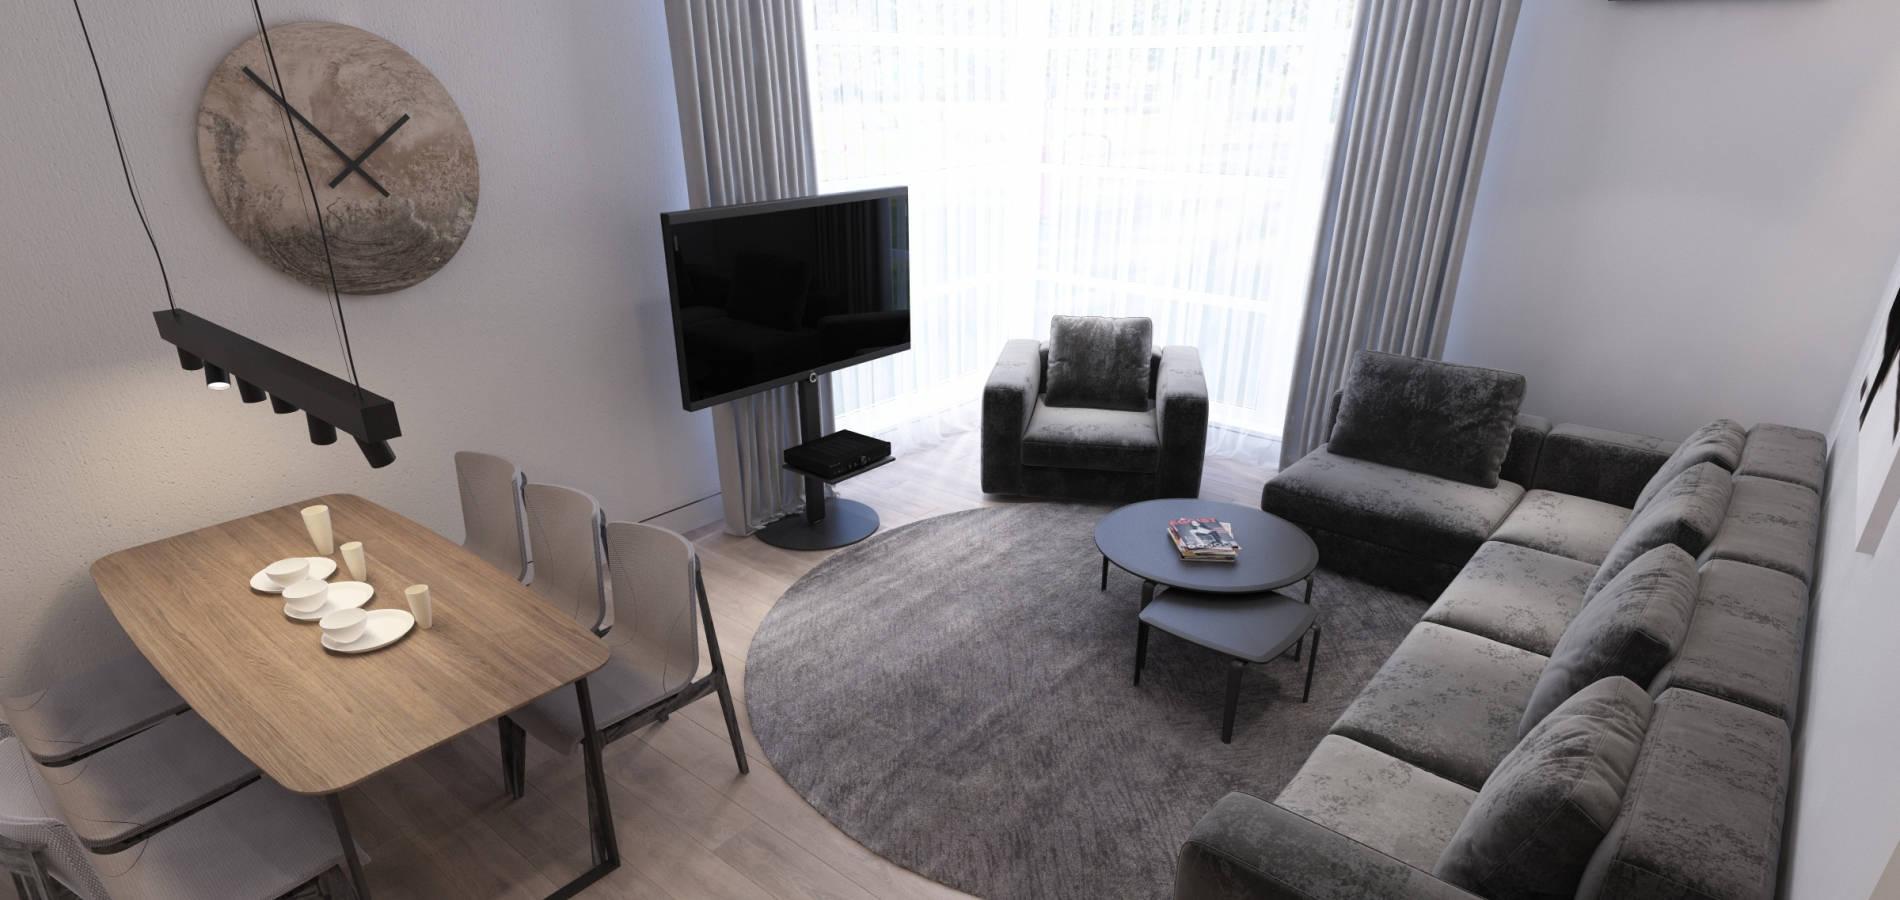 Вітальня в квартирі Львів GH_402